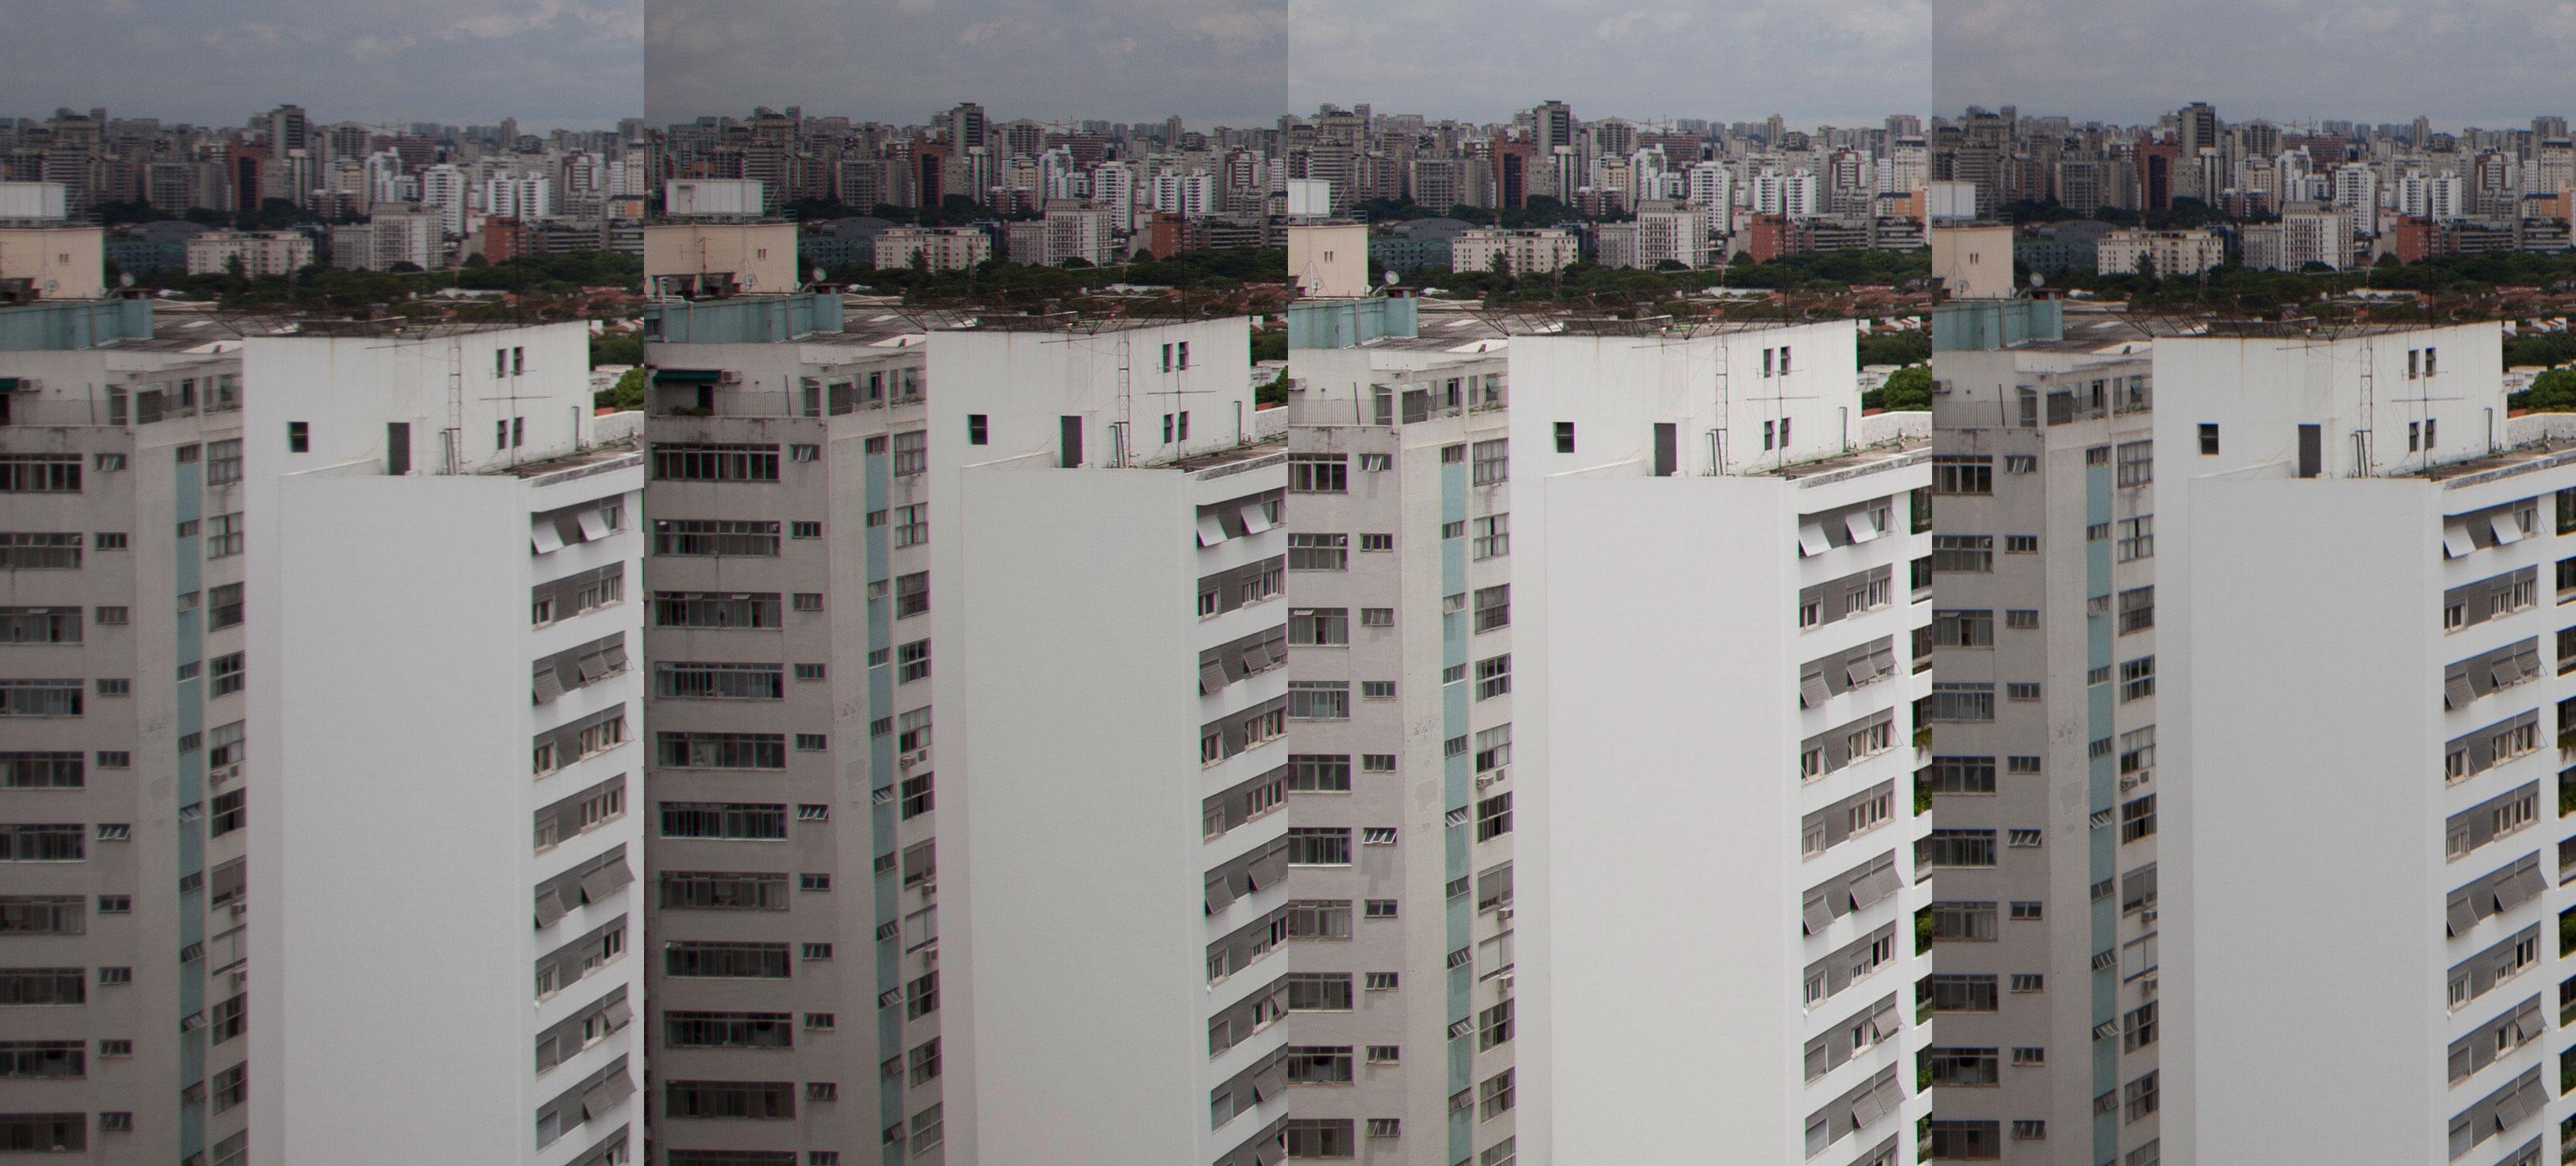 Comparação lado a lado com outras objetivas: EF 17-40mm f/4L USM, EF 24-105mm f/4L IS USM, EF 24mm f/1.4L II USM e TS-E 24mm f/3.5L II, todas em 24mm f/4 1/2500 ISO100. Desempenho da 17-40mm é o pior na borda do quadro; falta resolução totalmente aberta.